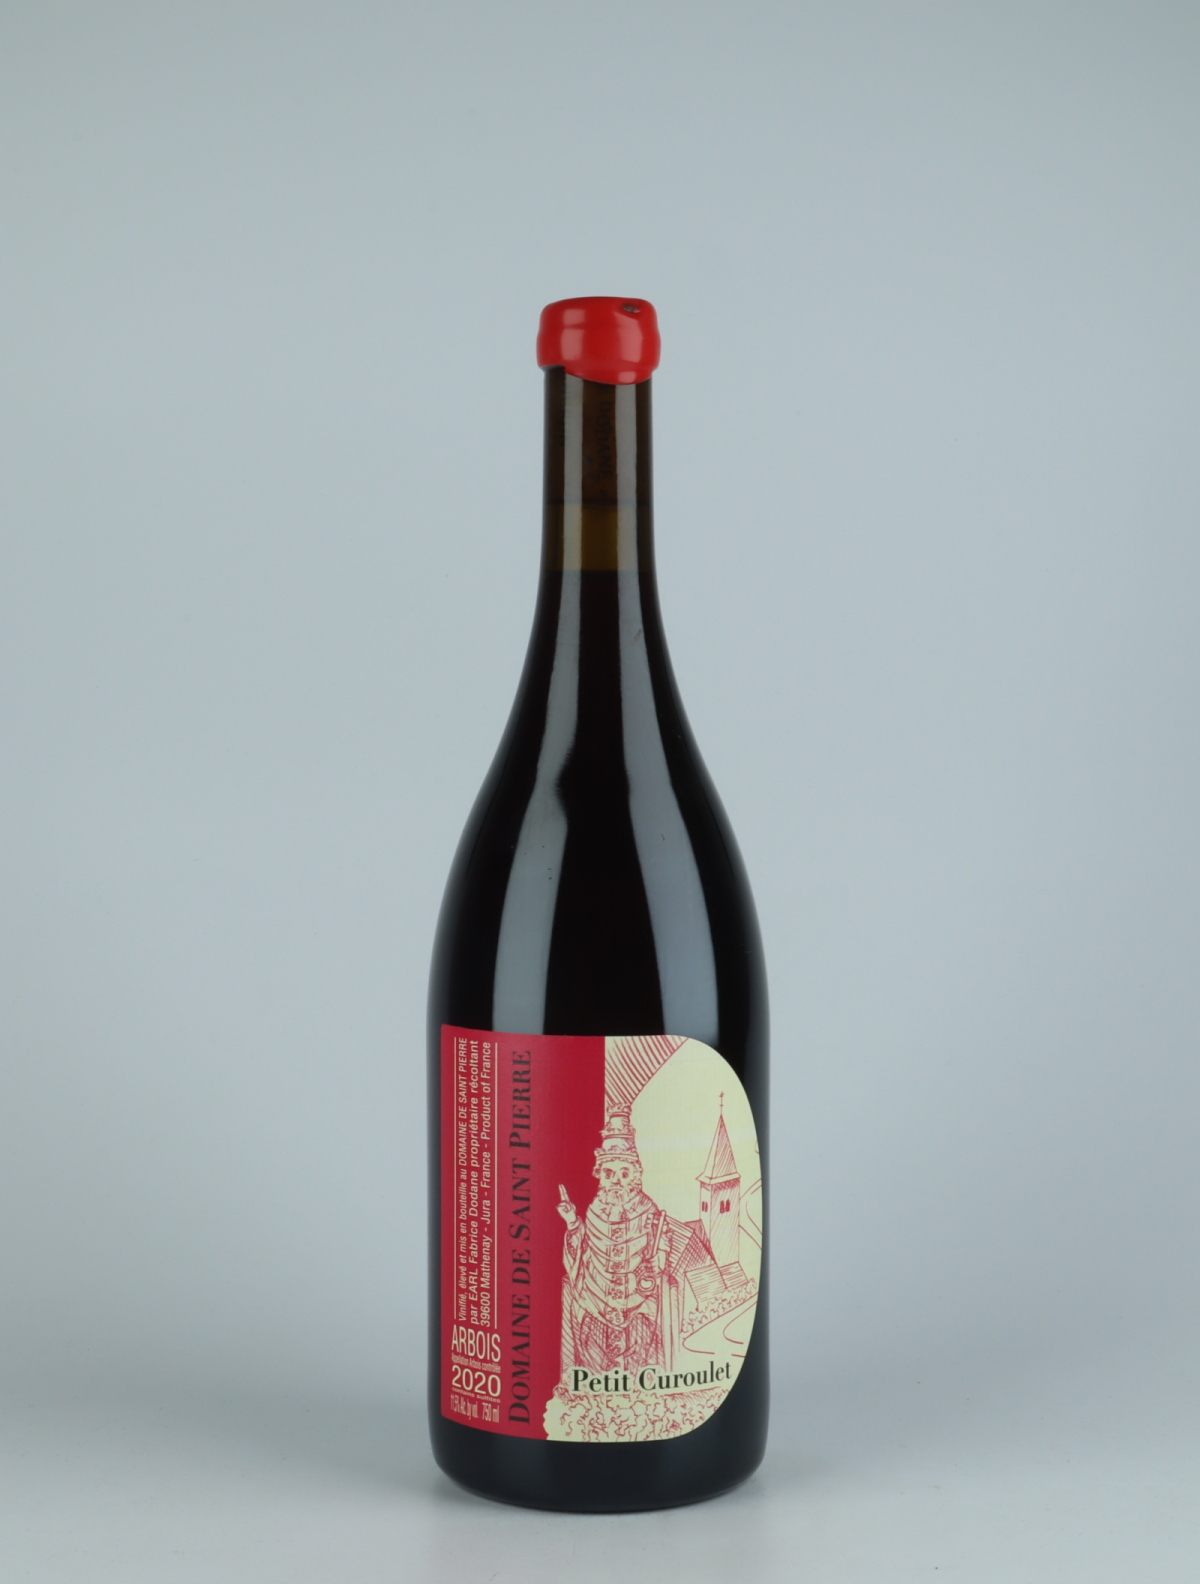 Arbois Rouge - Petit Curoulet